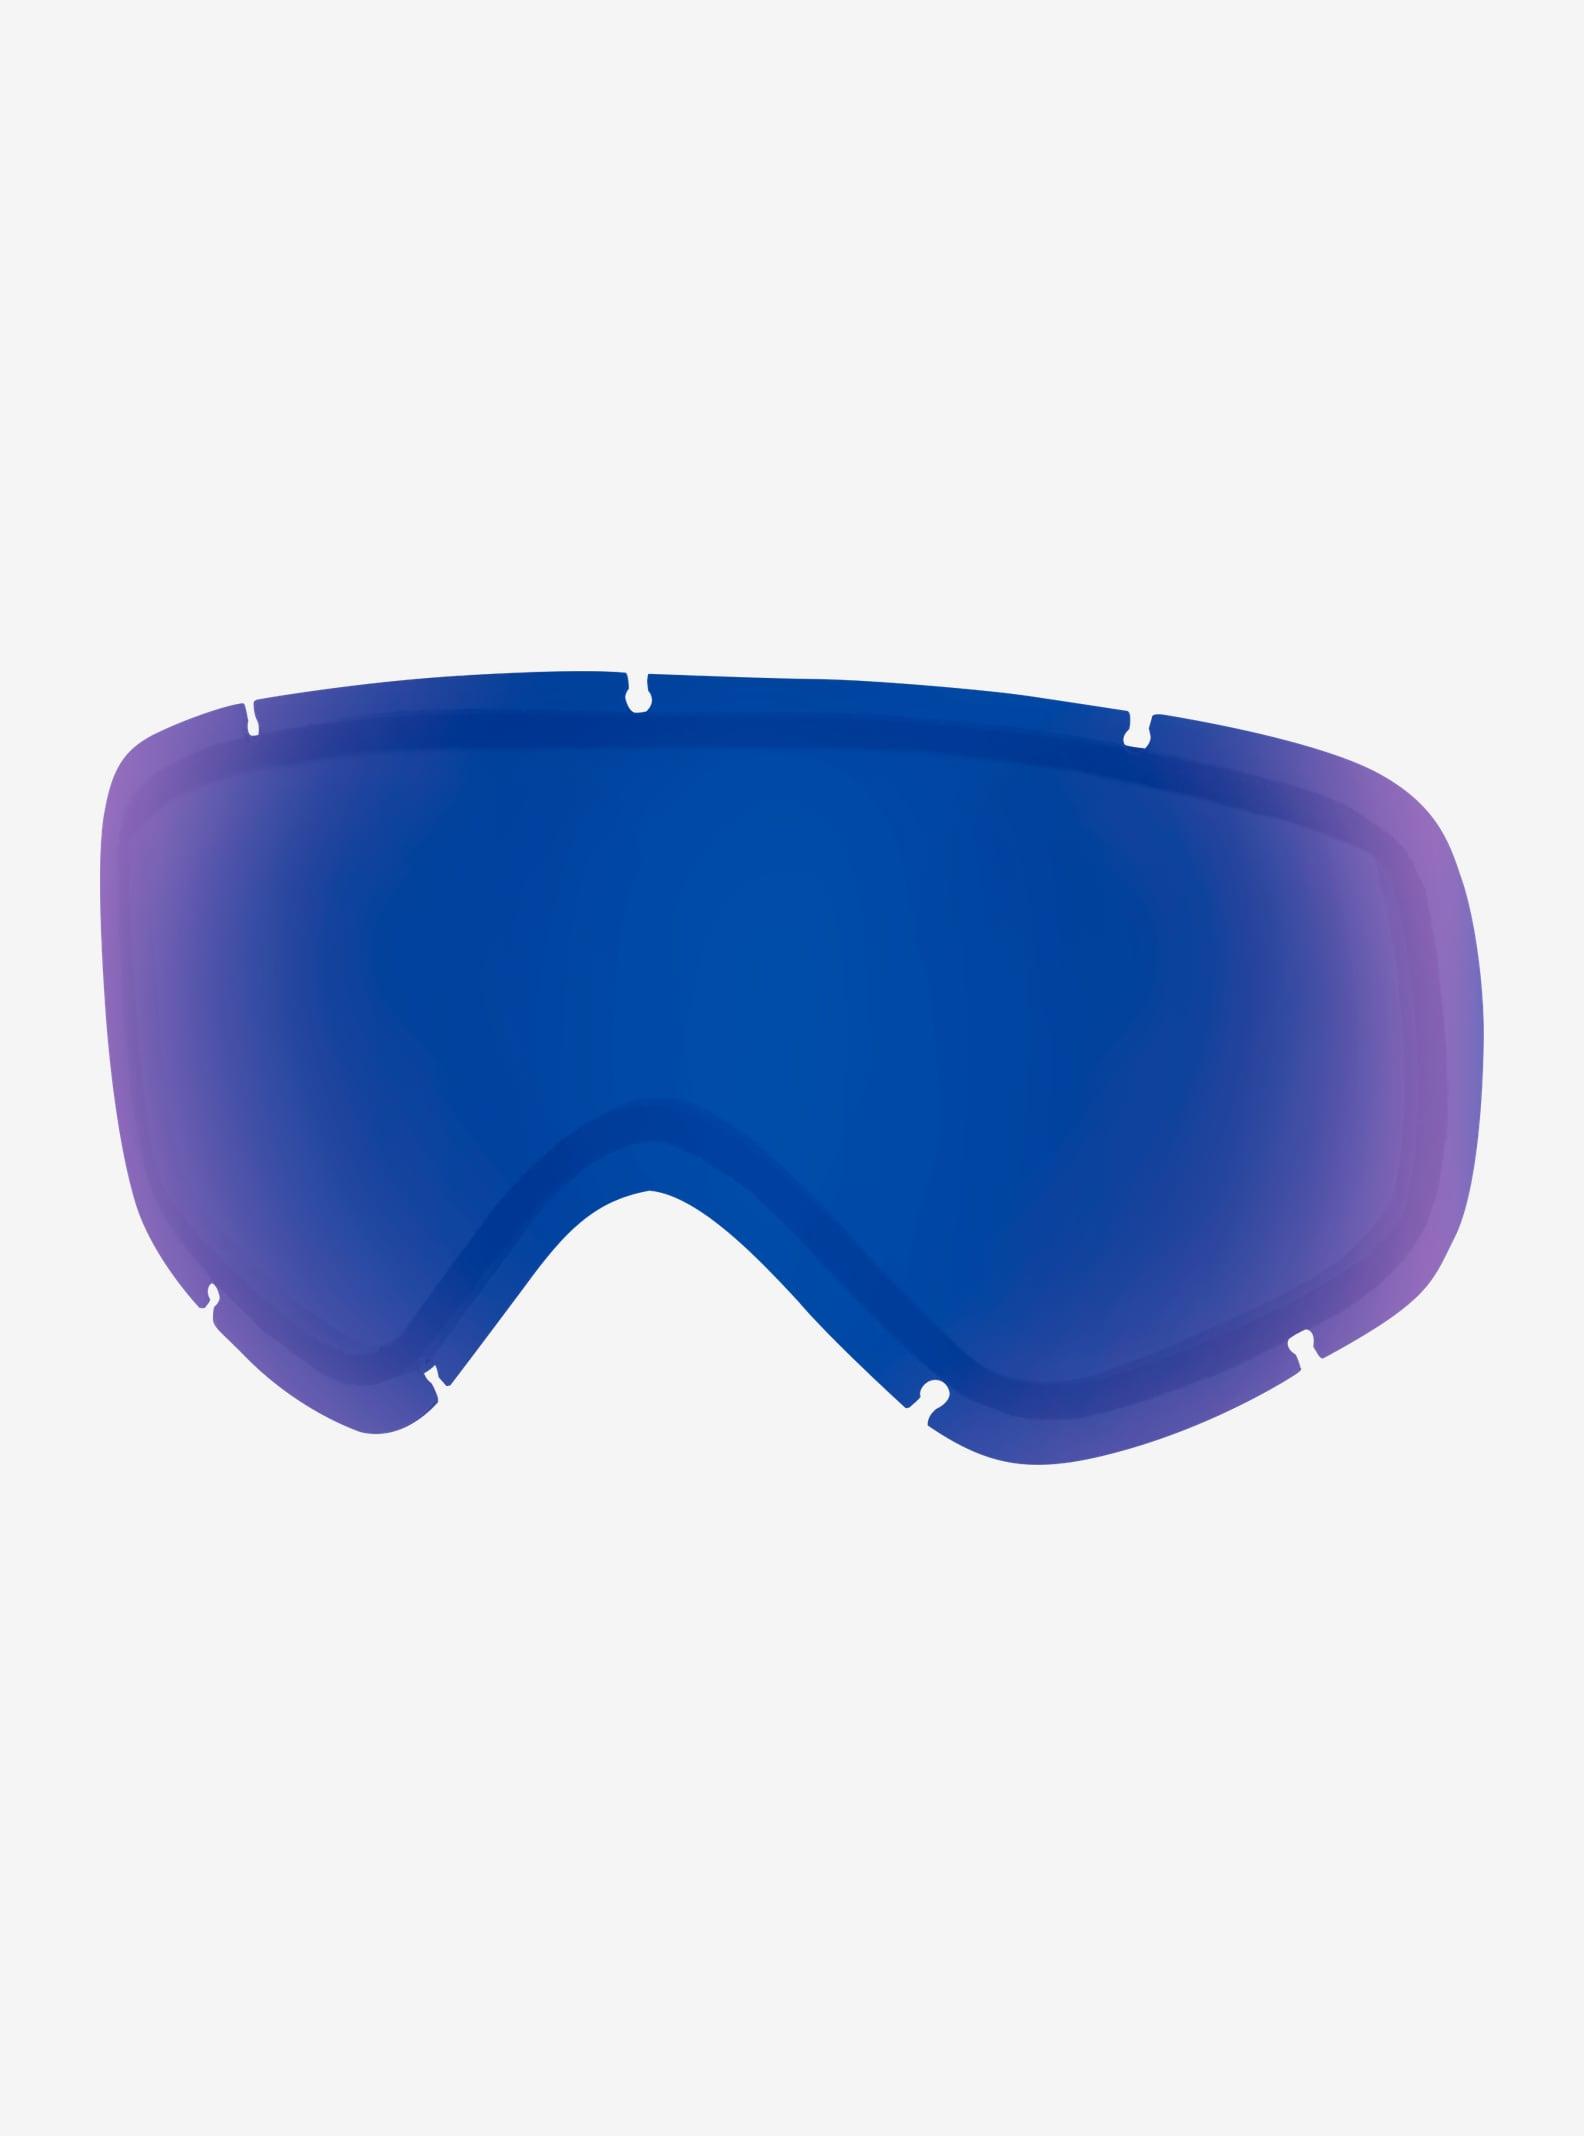 anon. Helix 2.0 Goggles angezeigt in Blue Cobalt (6% Lichtdurchlässigkeit)